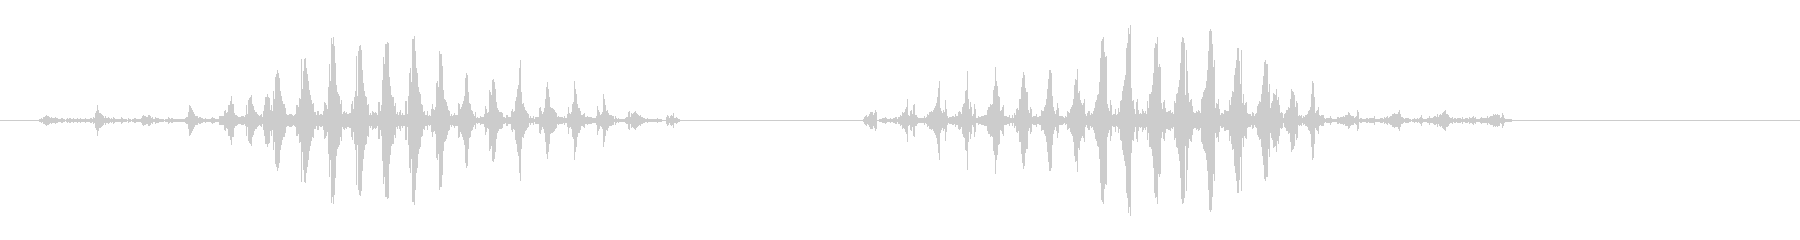 クワックワッ(リアルなアヒルの鳴き声)の未再生の波形